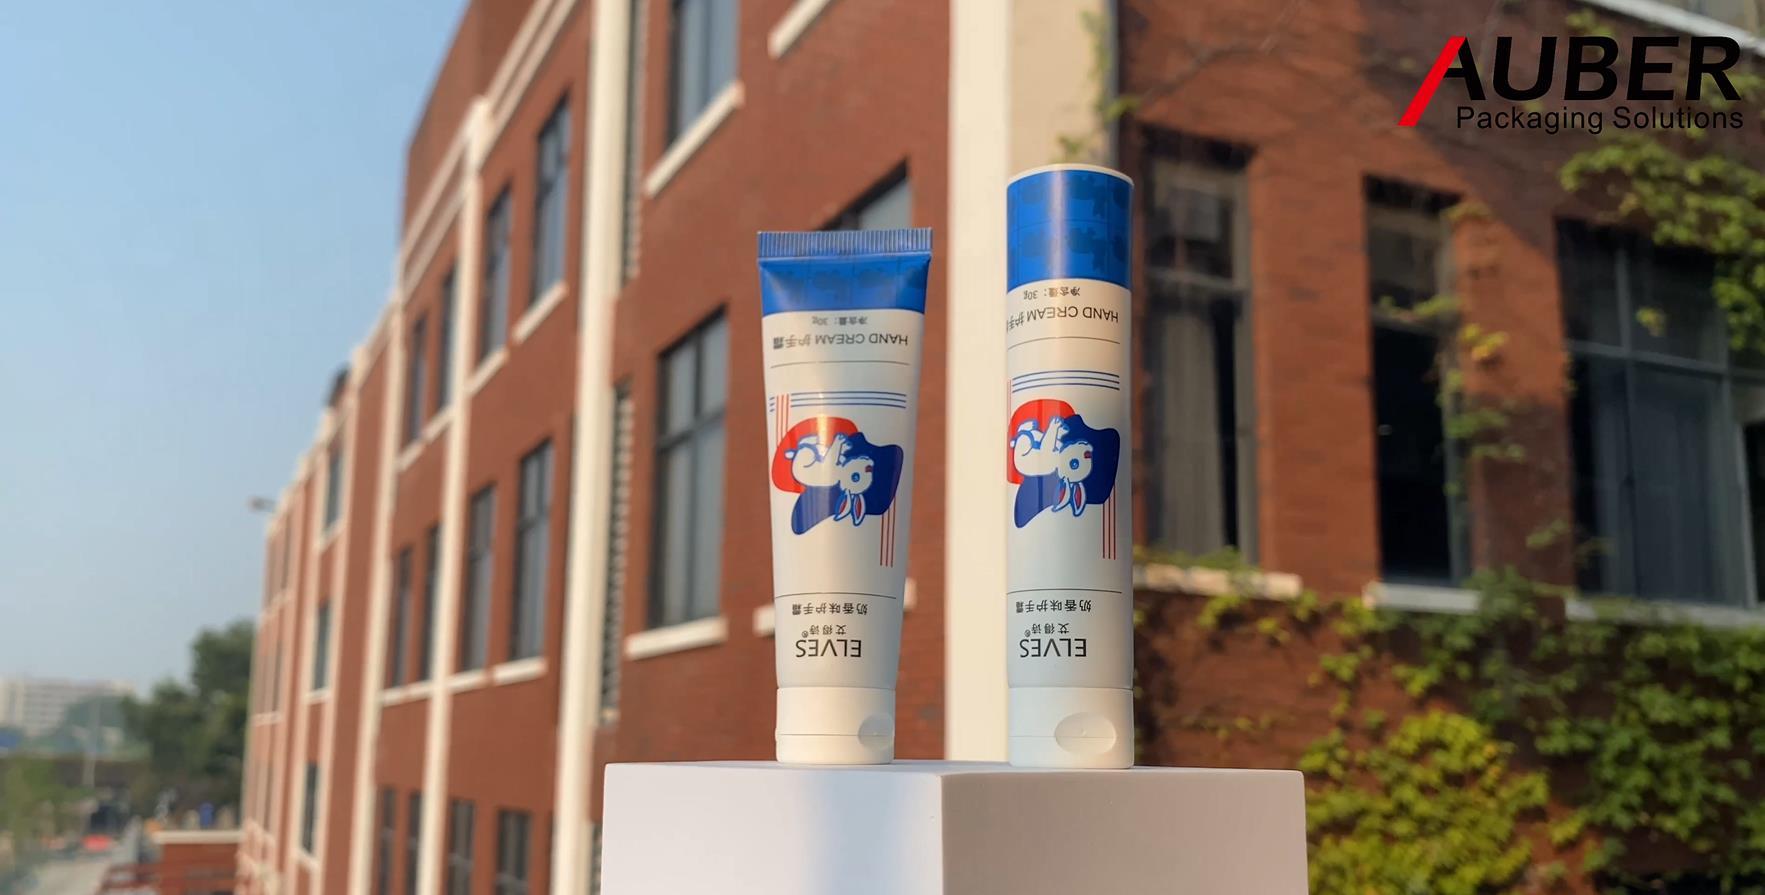 Auber D25MM أنبوب مغلفة لصناعة معجون الأسنان مع غطاء أعلى فليب